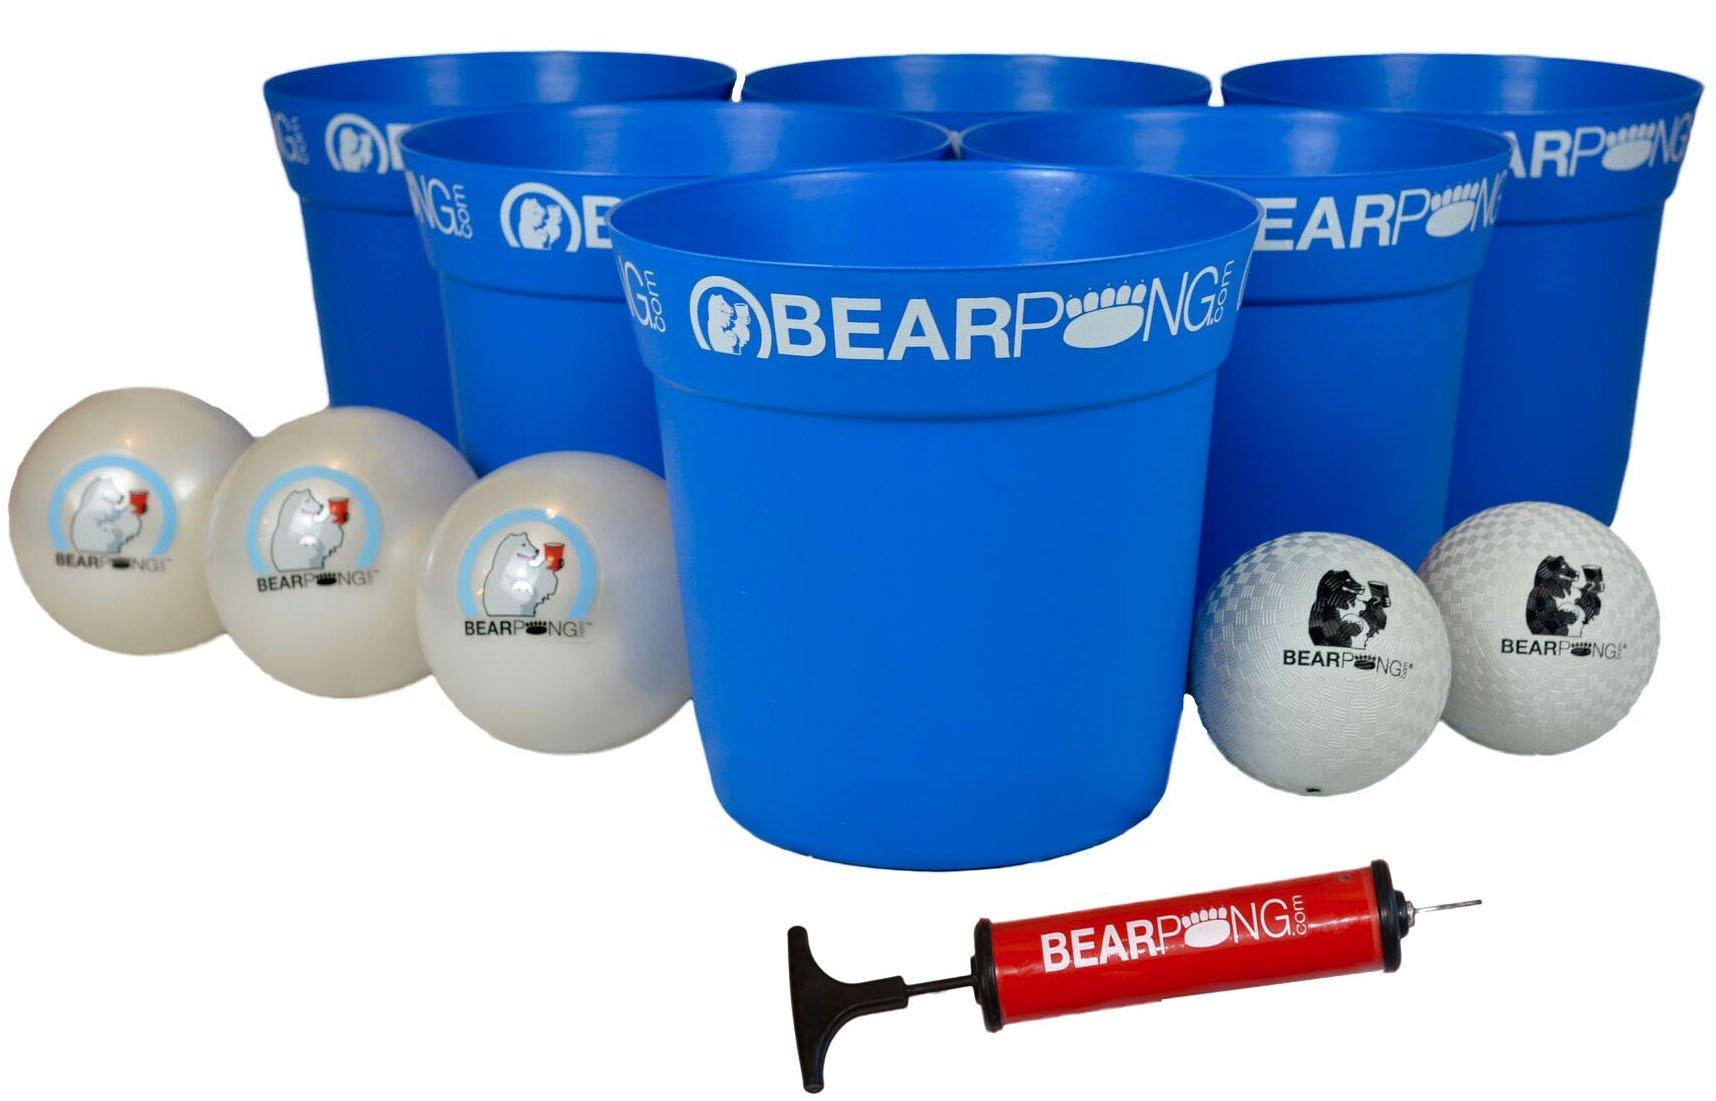 Bearpong Deluxe Game Set: 12 BEARPONG Buckets, 3 BEARPONG Balls, 2 Beach Balls, 1 Ball Pump with Carrying Case, and Instructions (Blue) by Bear Pong